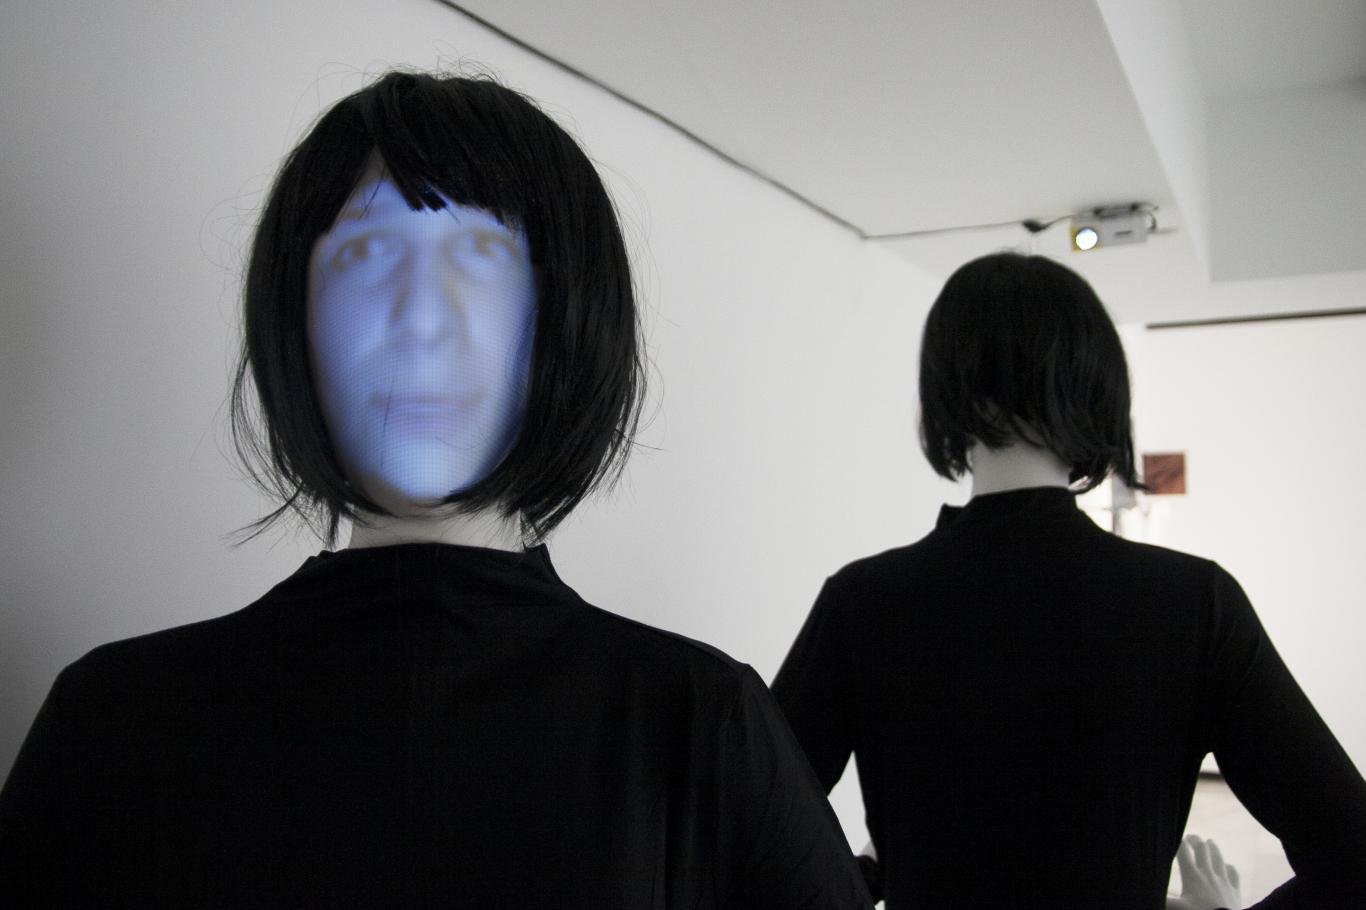 Dos maniquís con pelucas negras y proyecciones de rostros en sus caras